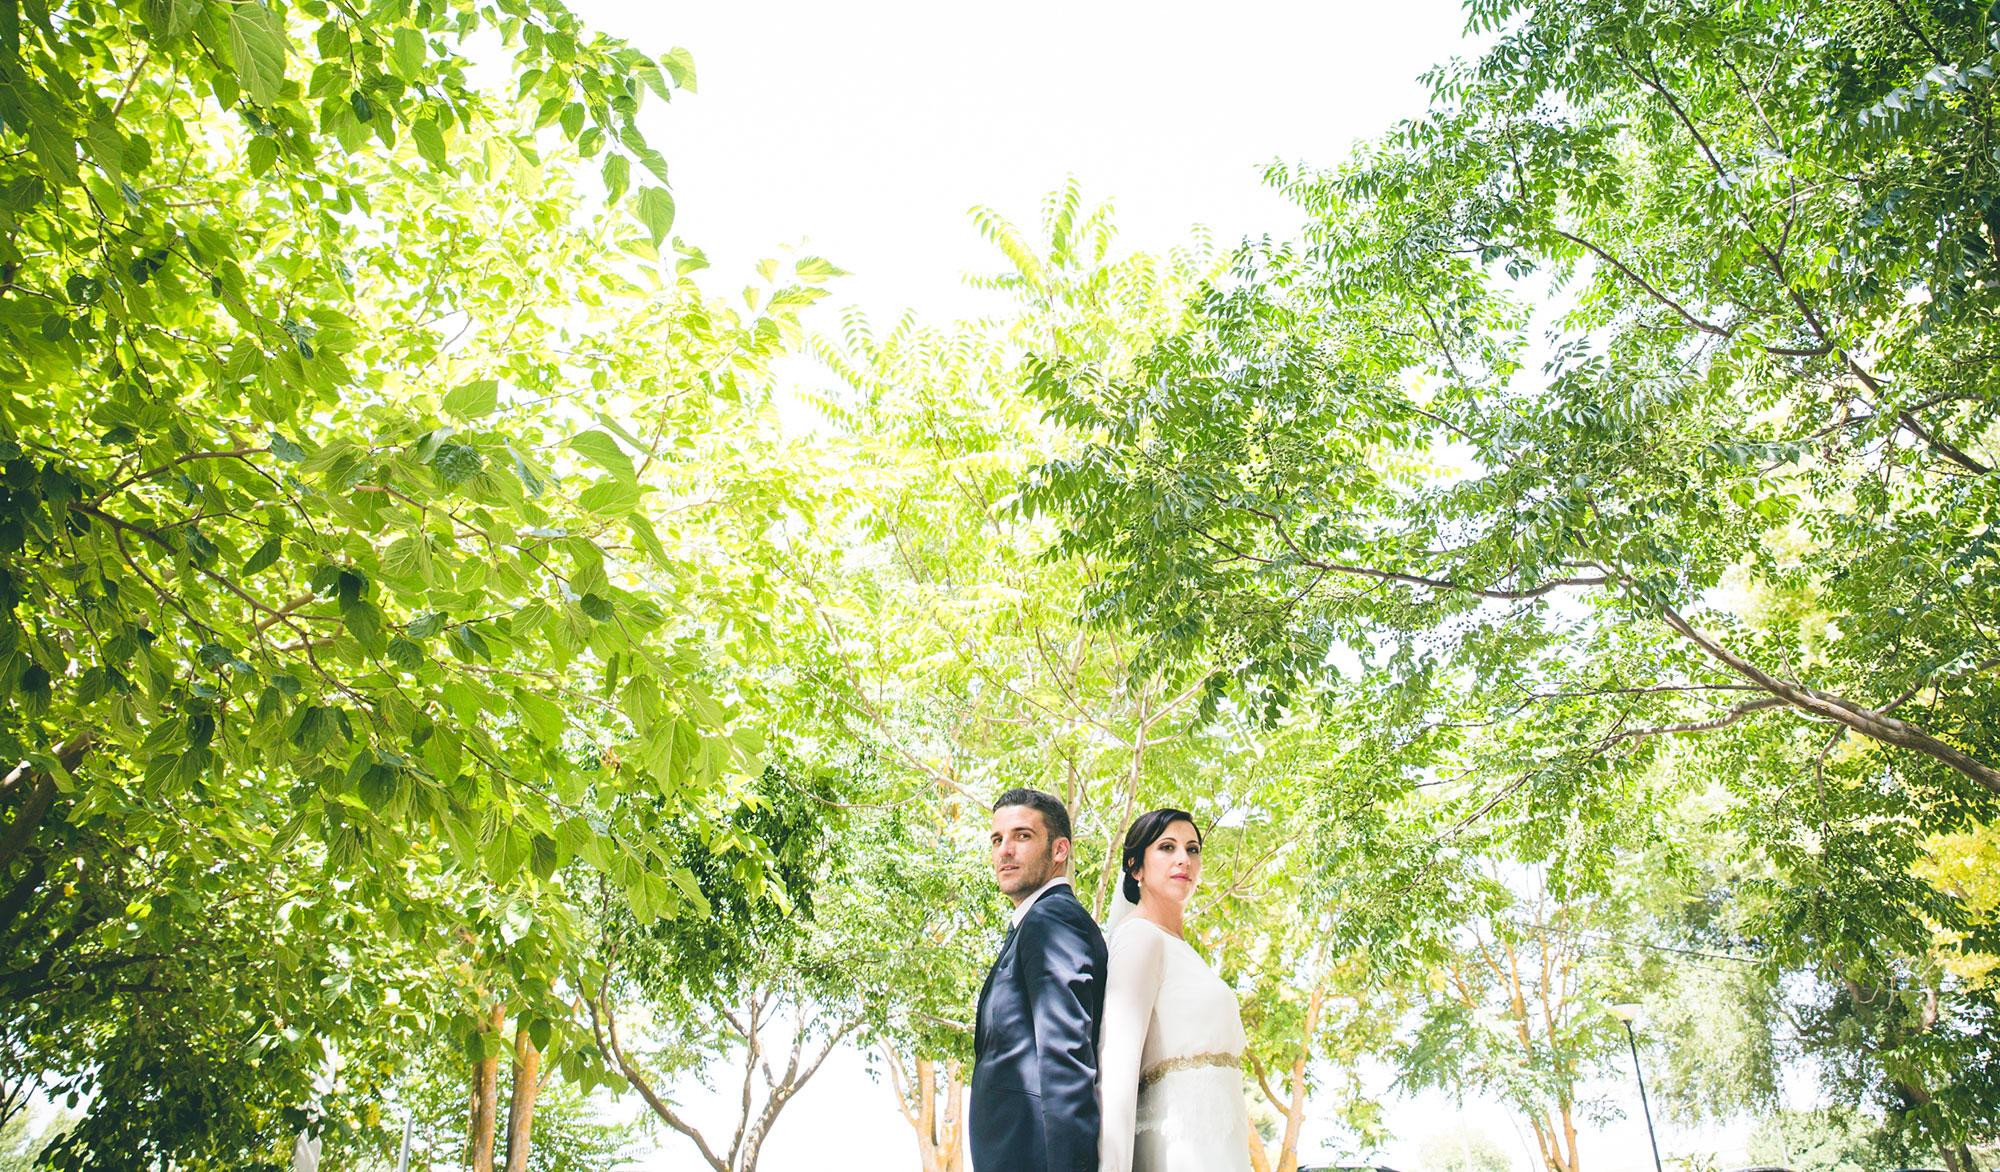 Fotógrafos de boda en Albacete. Rocío y Pascual. Higueruela